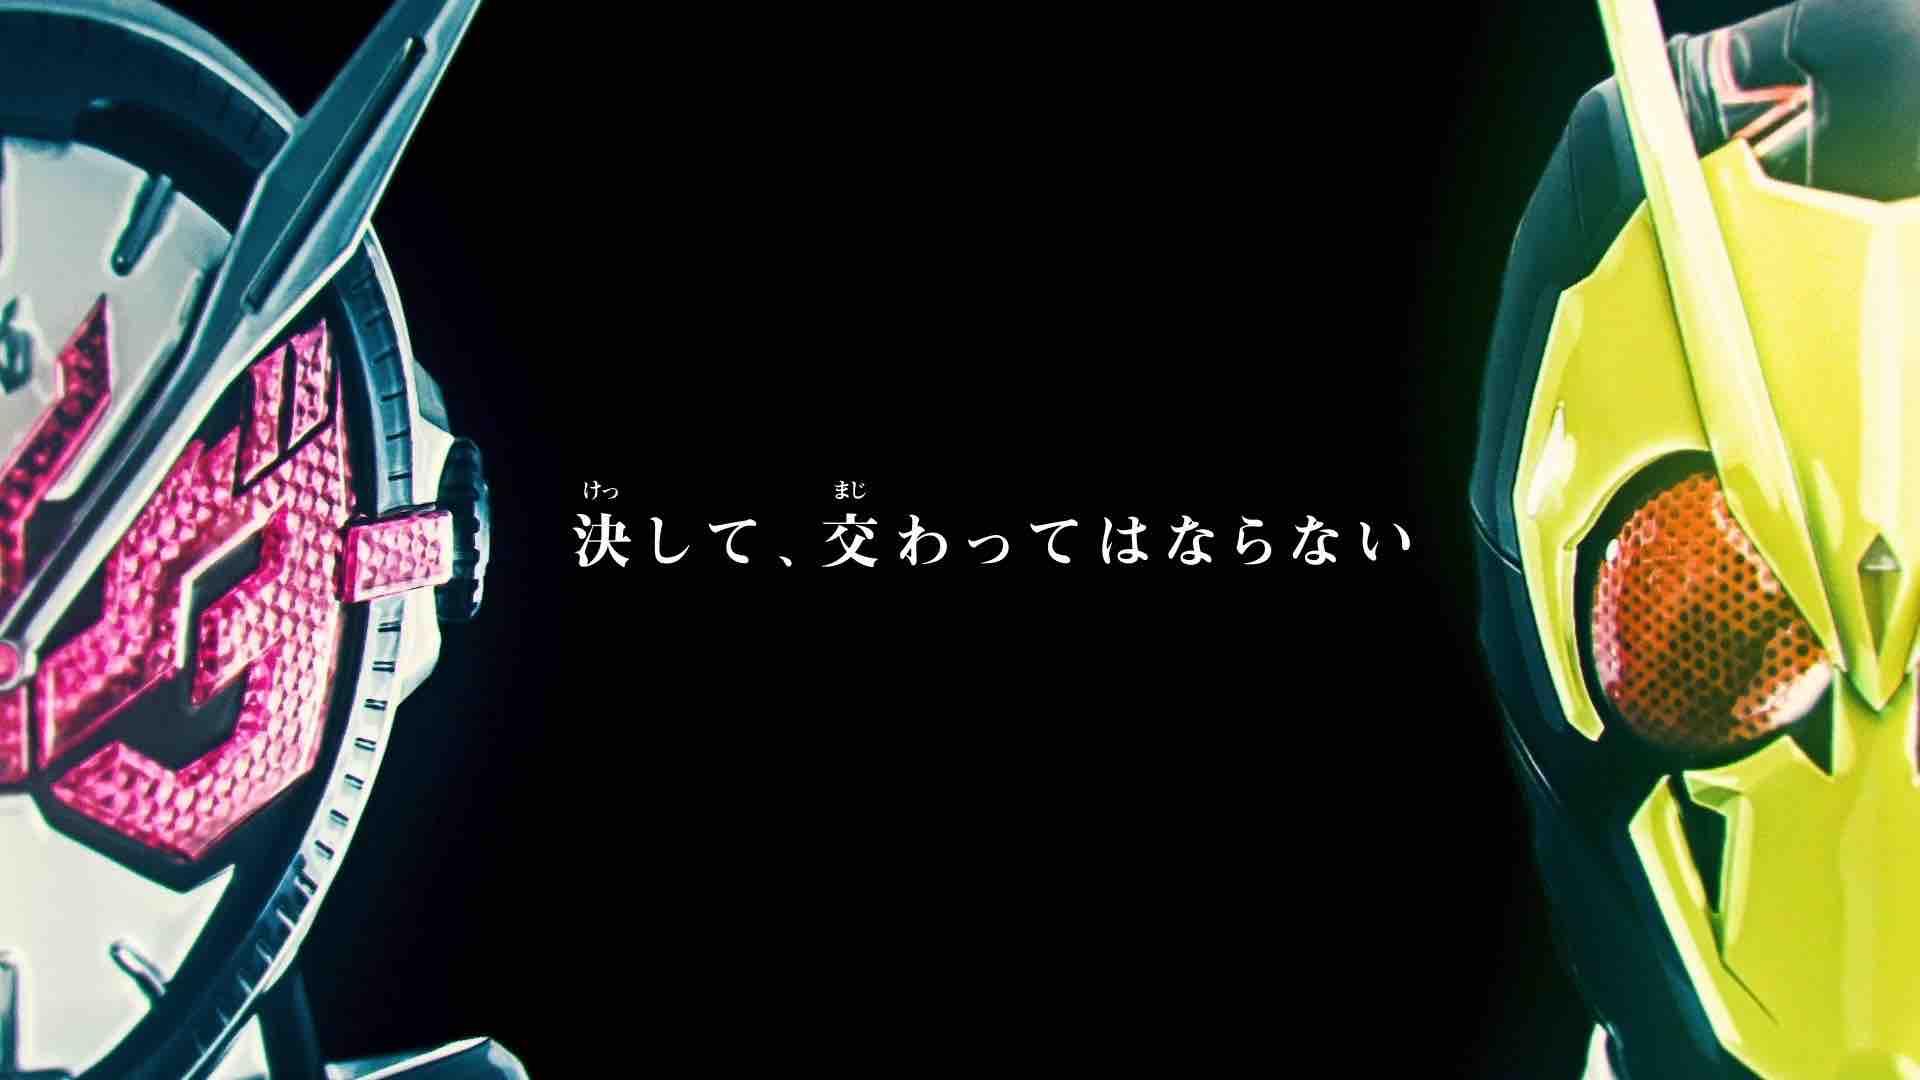 仮面ライダー 令和 ザ ファースト ジェネレーション 新たな特報解禁